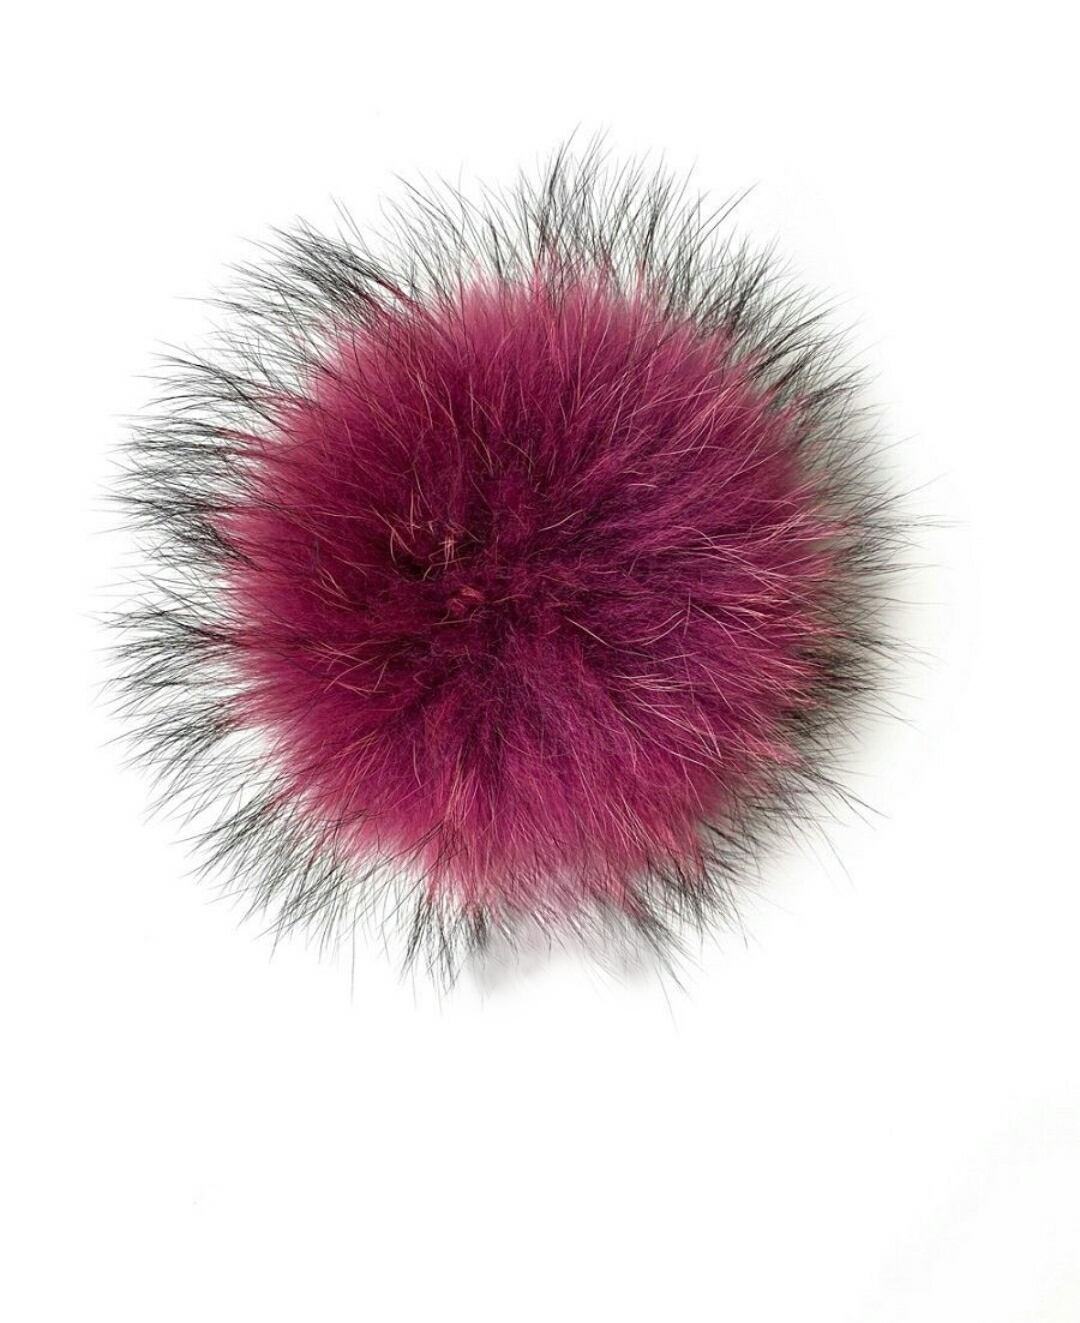 Помпон на кнопке из натурального меха енот 15-18см. Темно-розовый.